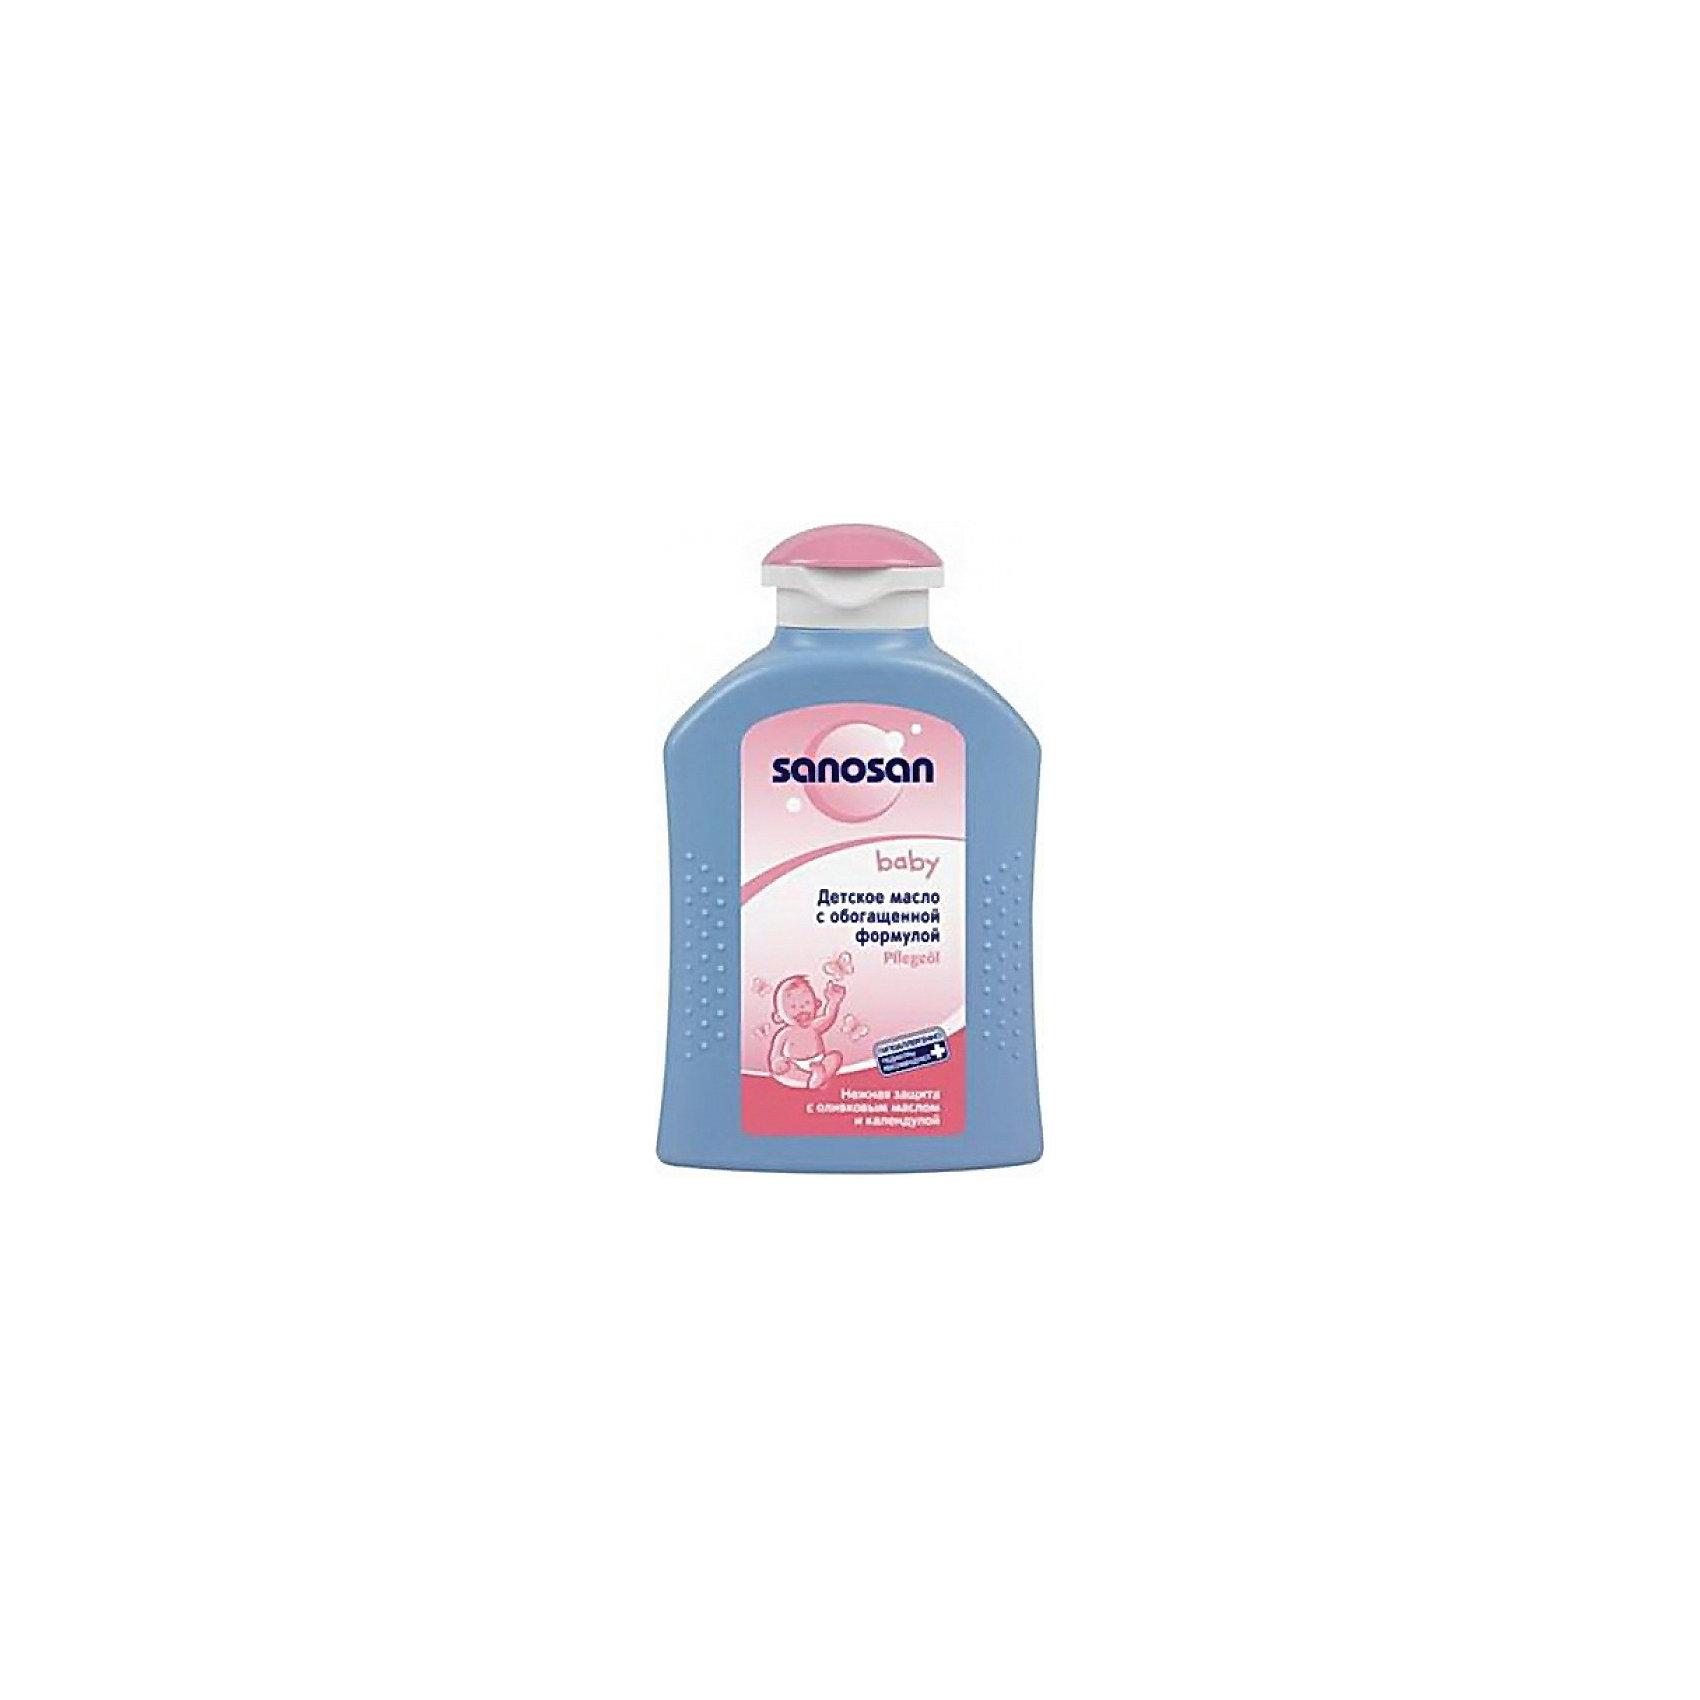 Детское масло с обогащённой формулой, Sanosan, 200 мл (-)